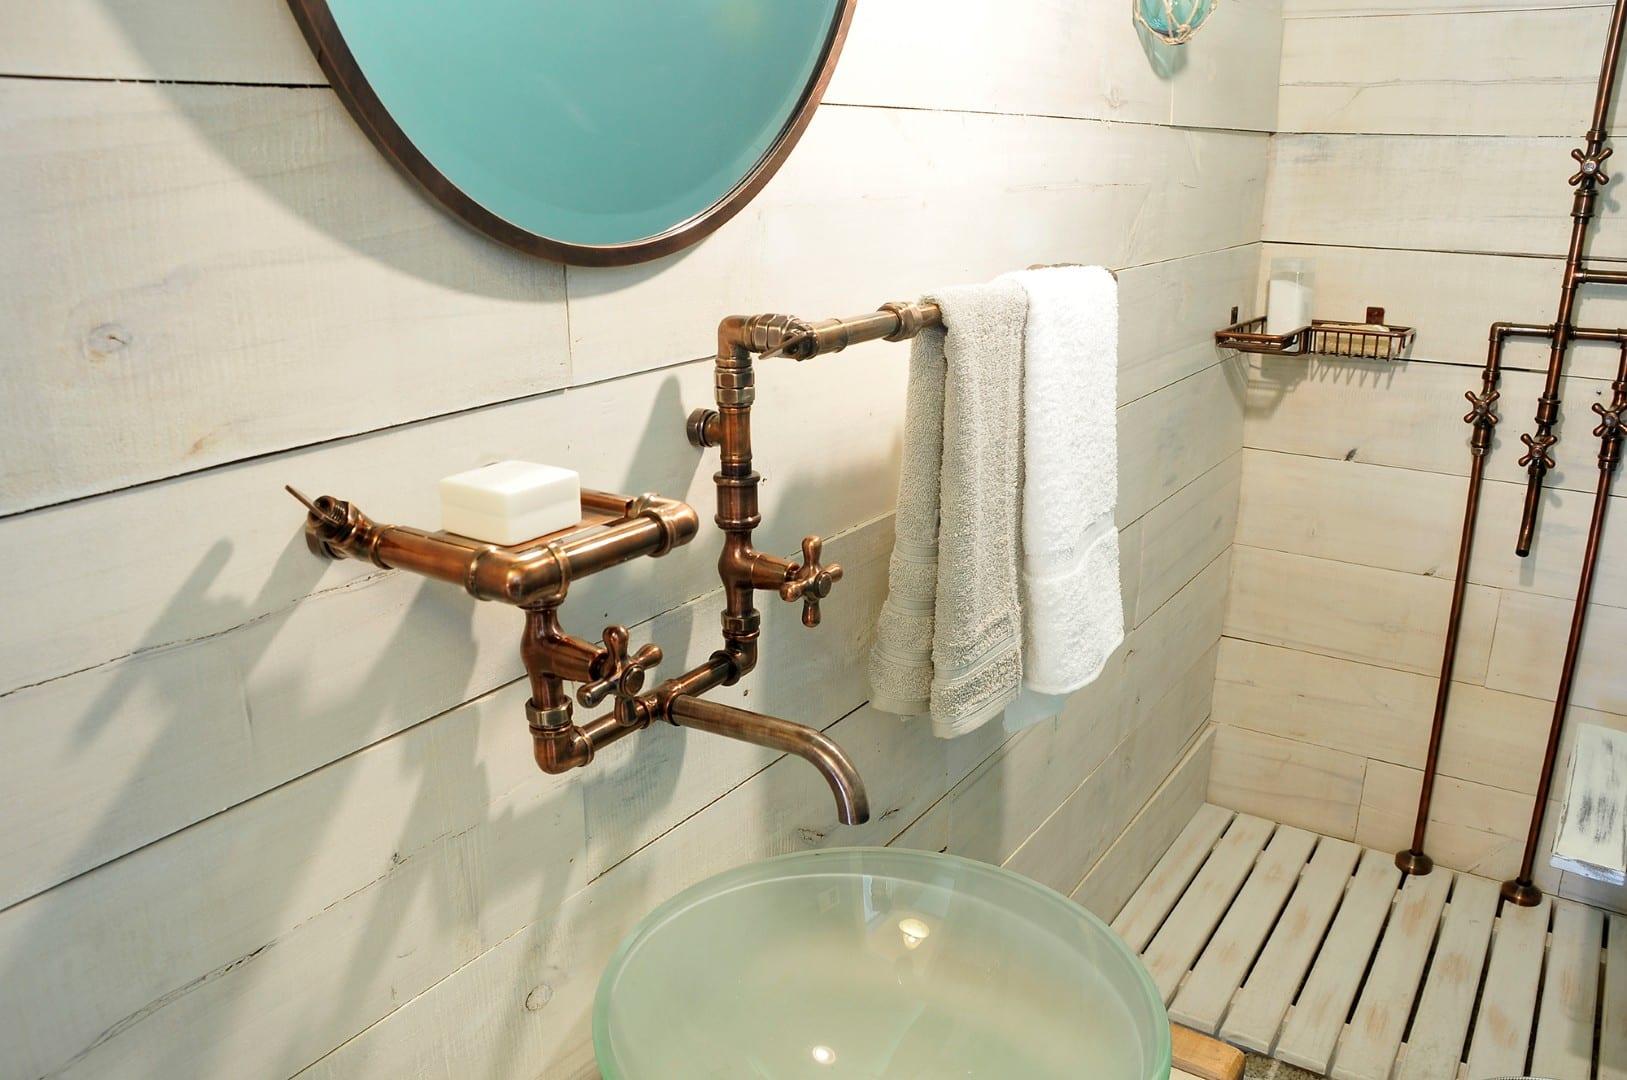 Revista estilo propio arquitectura y dise o arte y decoracion - Griferia de cobre ...